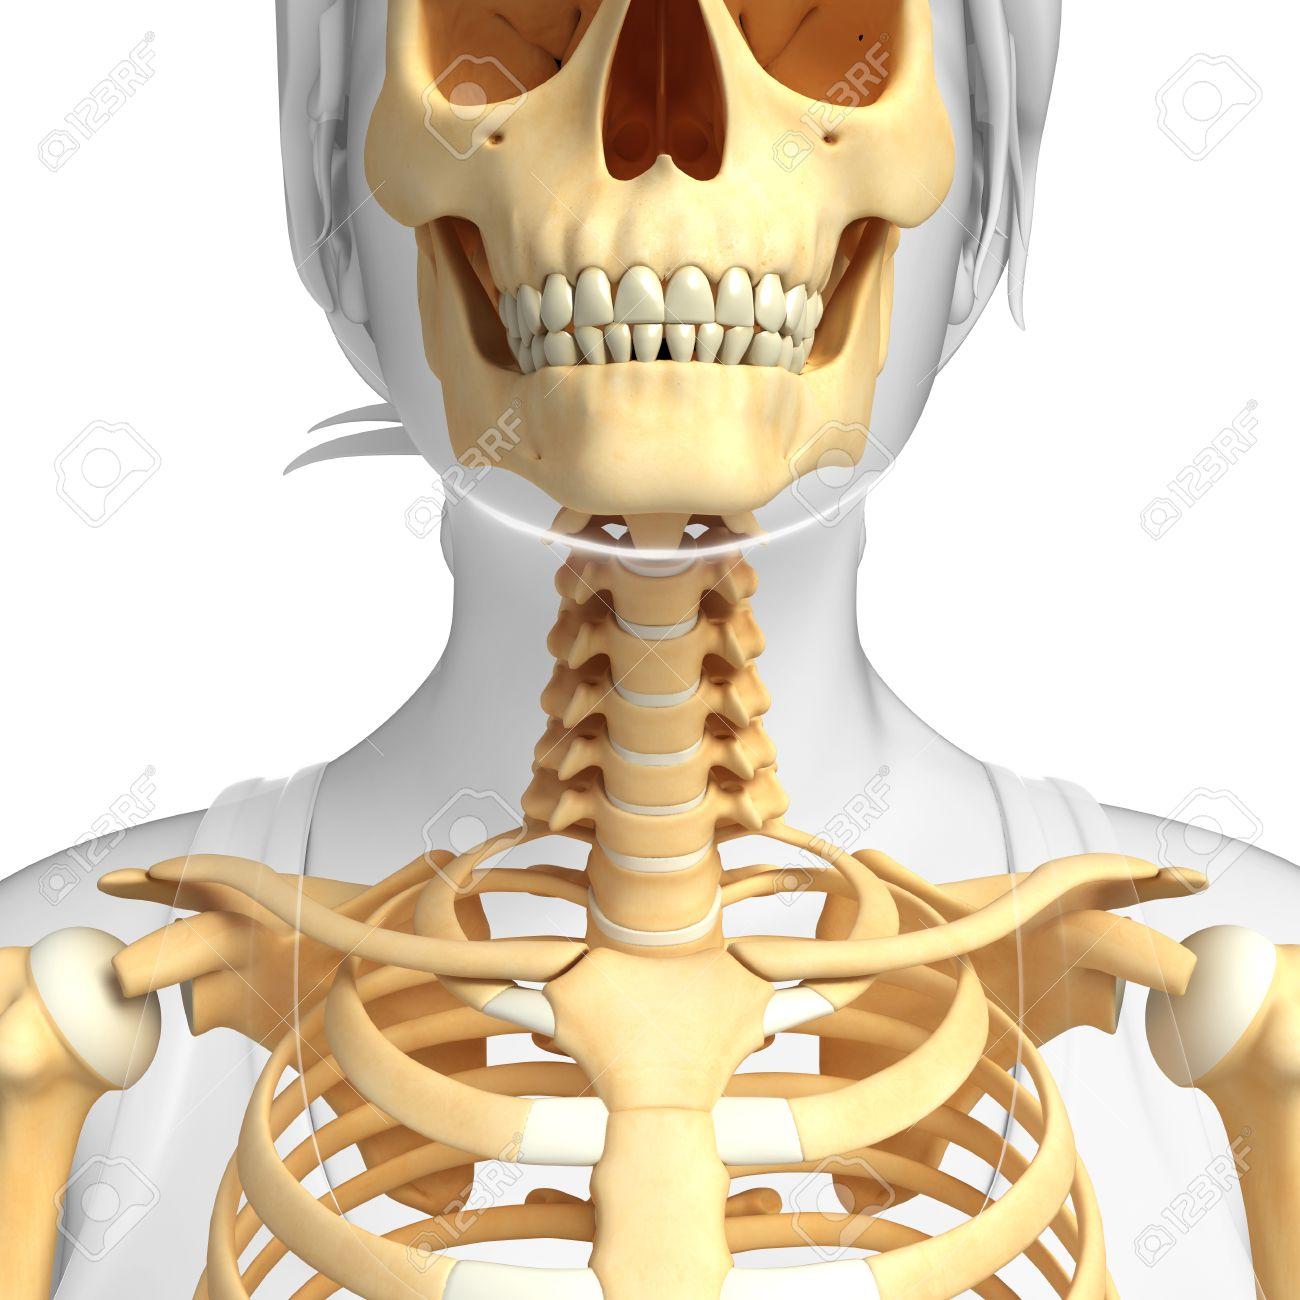 Ilustración Del Esqueleto Cuello Humano Fotos, Retratos, Imágenes Y ...